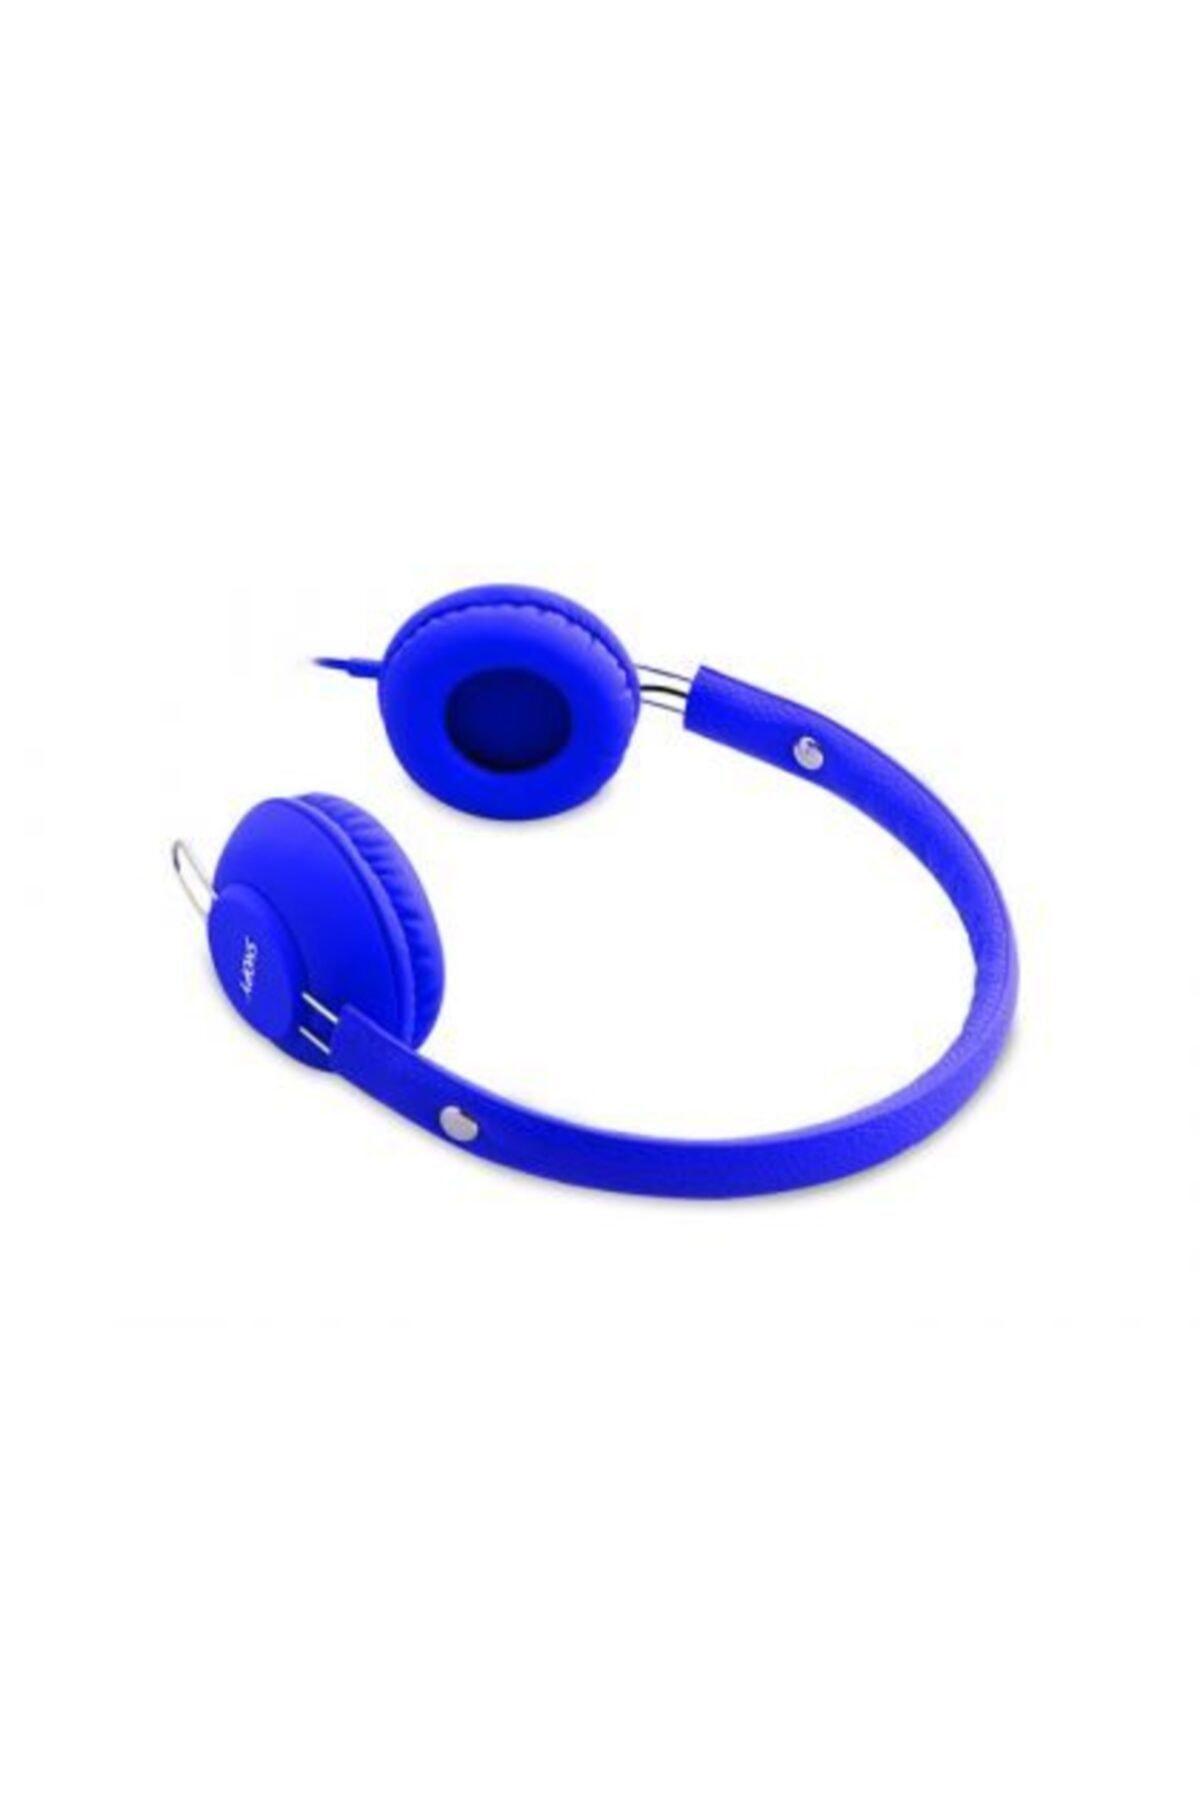 Snopy Sn-933 Mobil Telefon Uyumlu Rubber Mavi Mikrofonlu Kulaklık 2